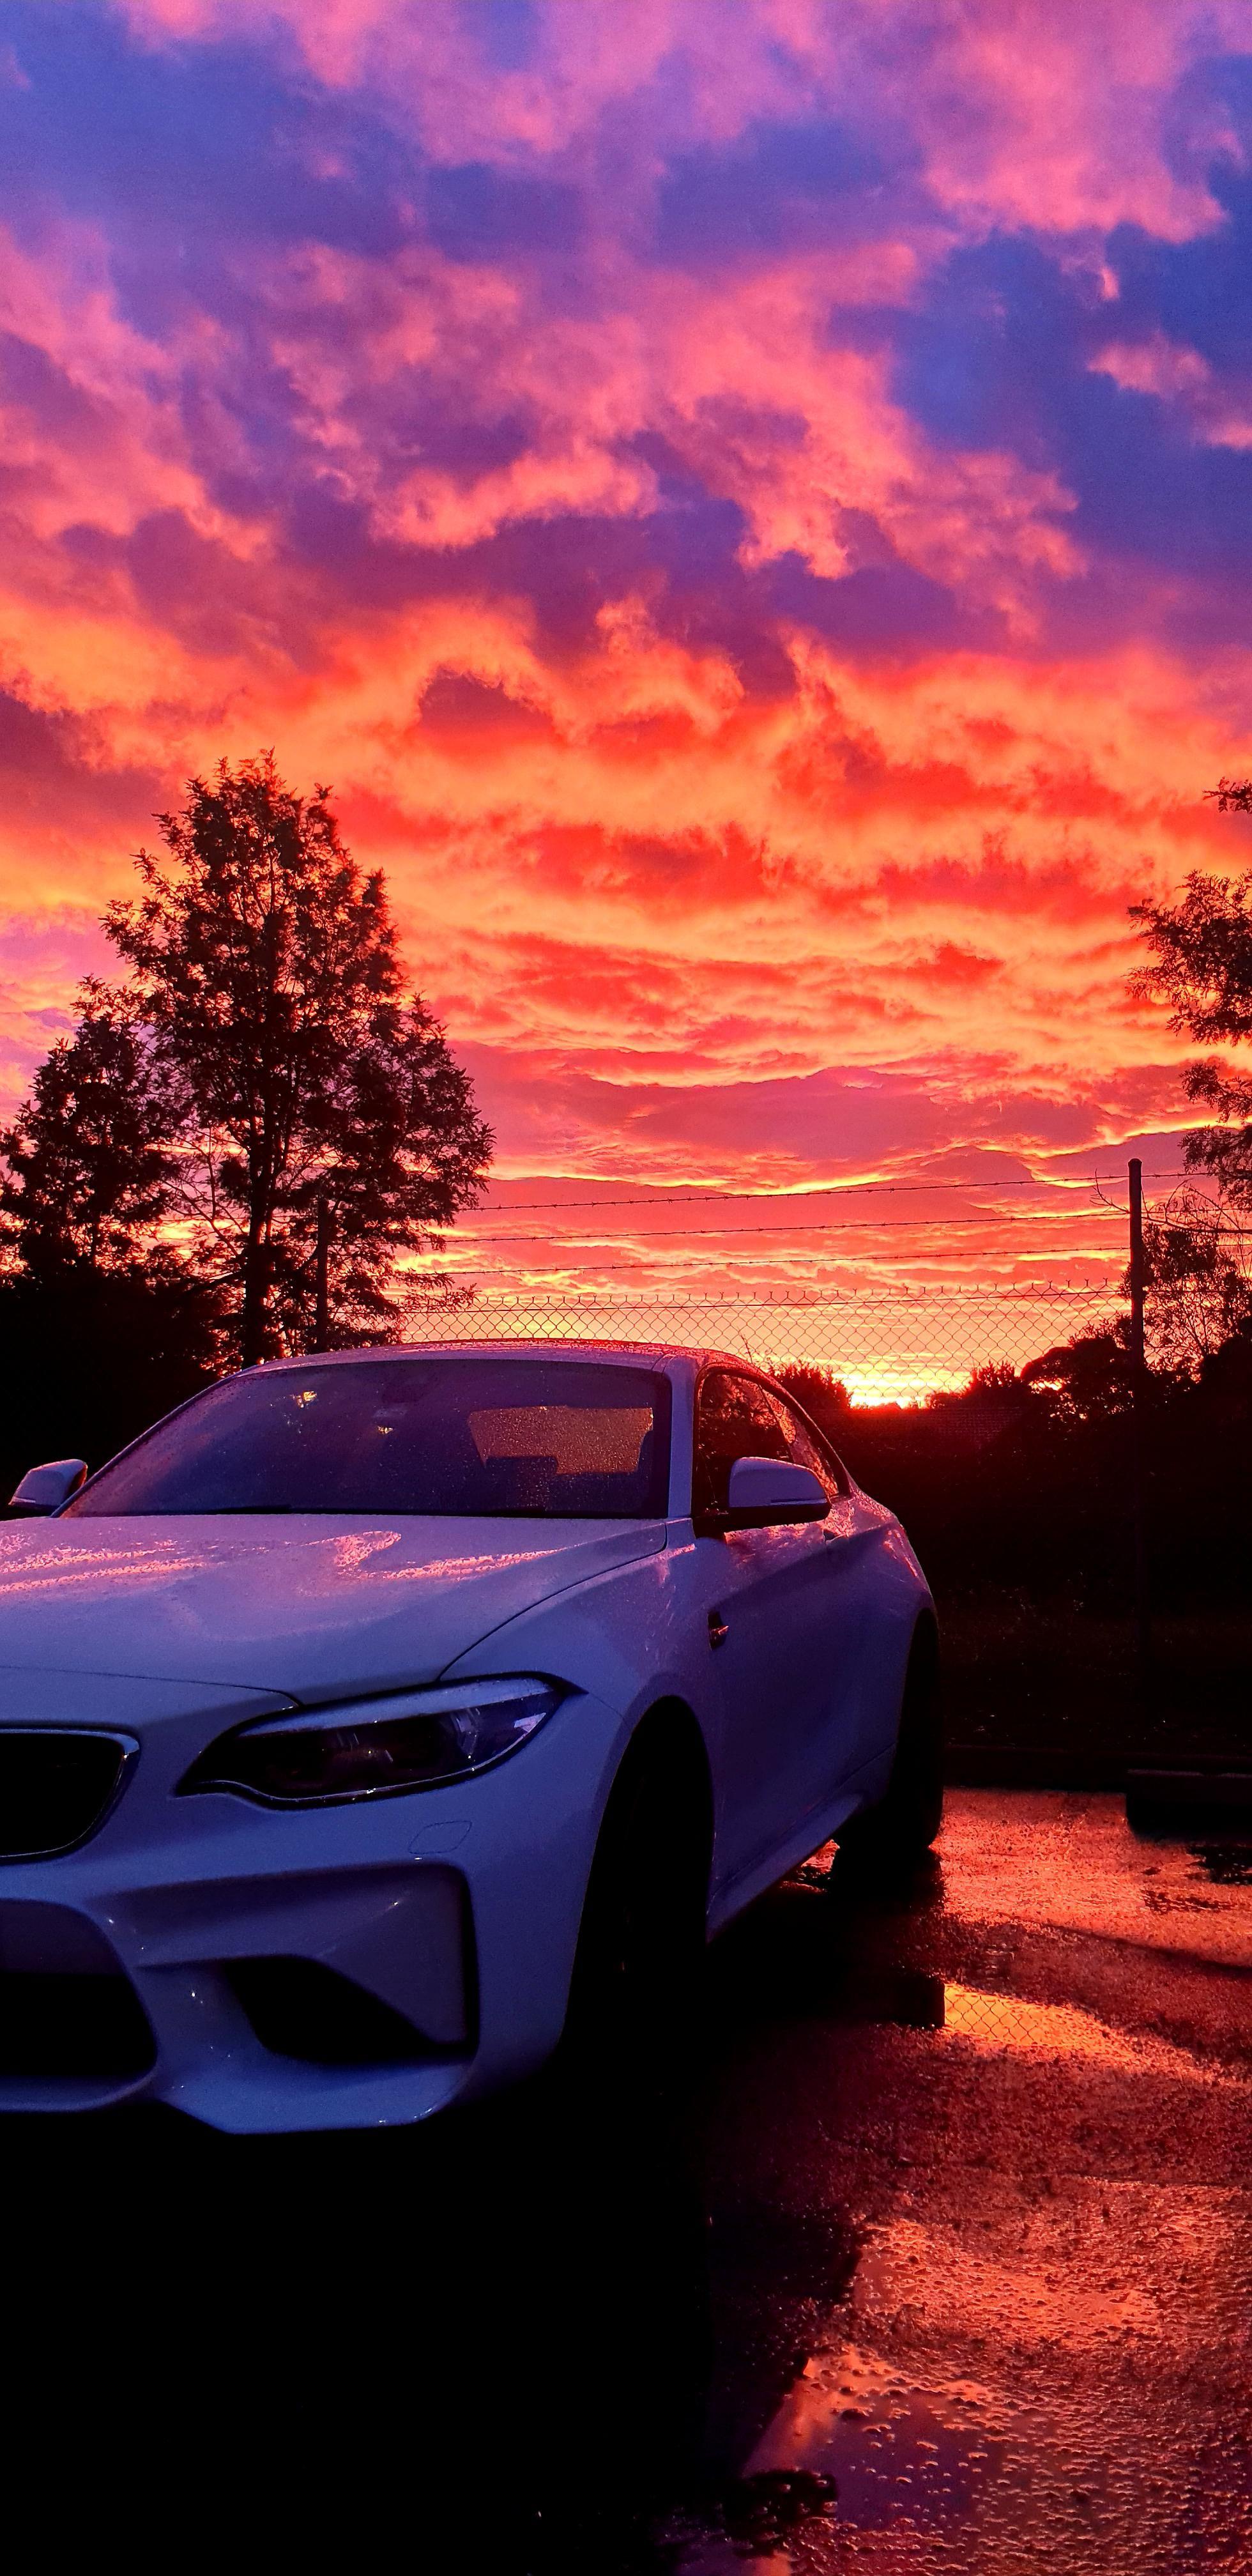 My Bmw M2 F87 Rainy Sunset Bmw M2 Bmw Wallpapers Bmw